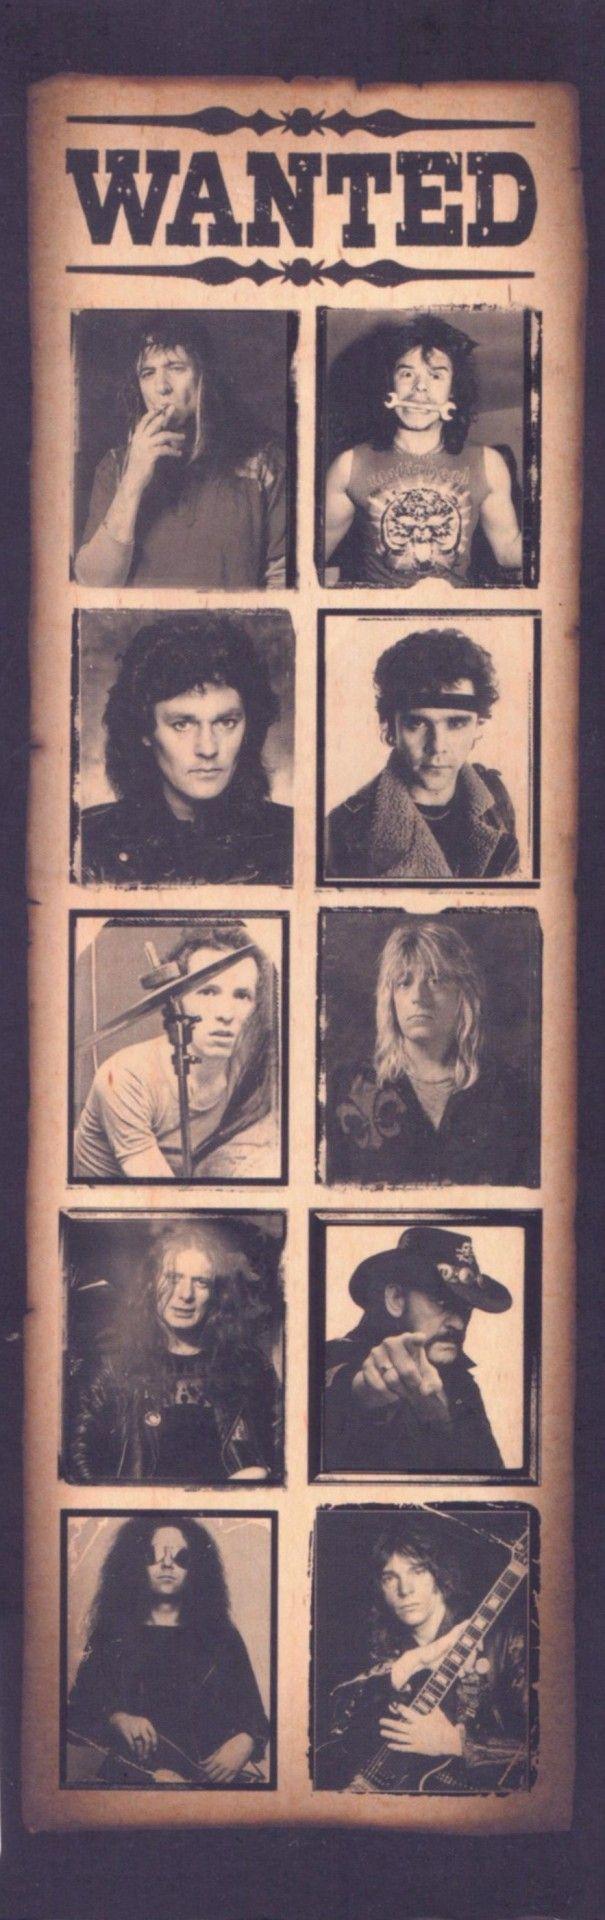 Motorhead band members